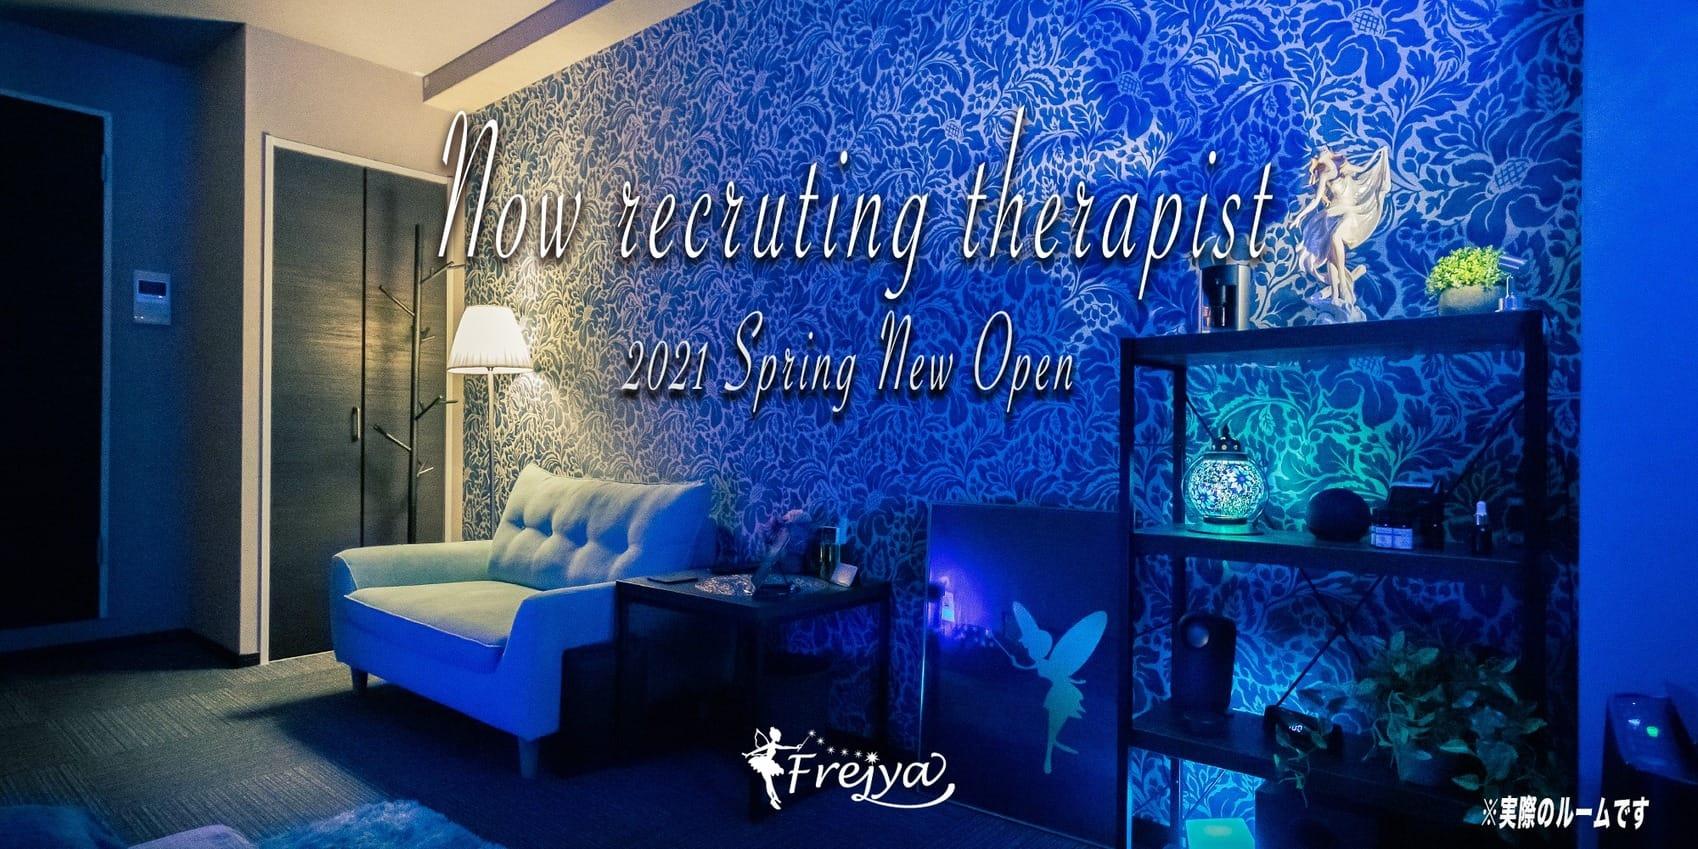 5つ星ホテルの様な最高のお部屋でお仕事してみませんか? Freja~フレイヤの求人ブログ